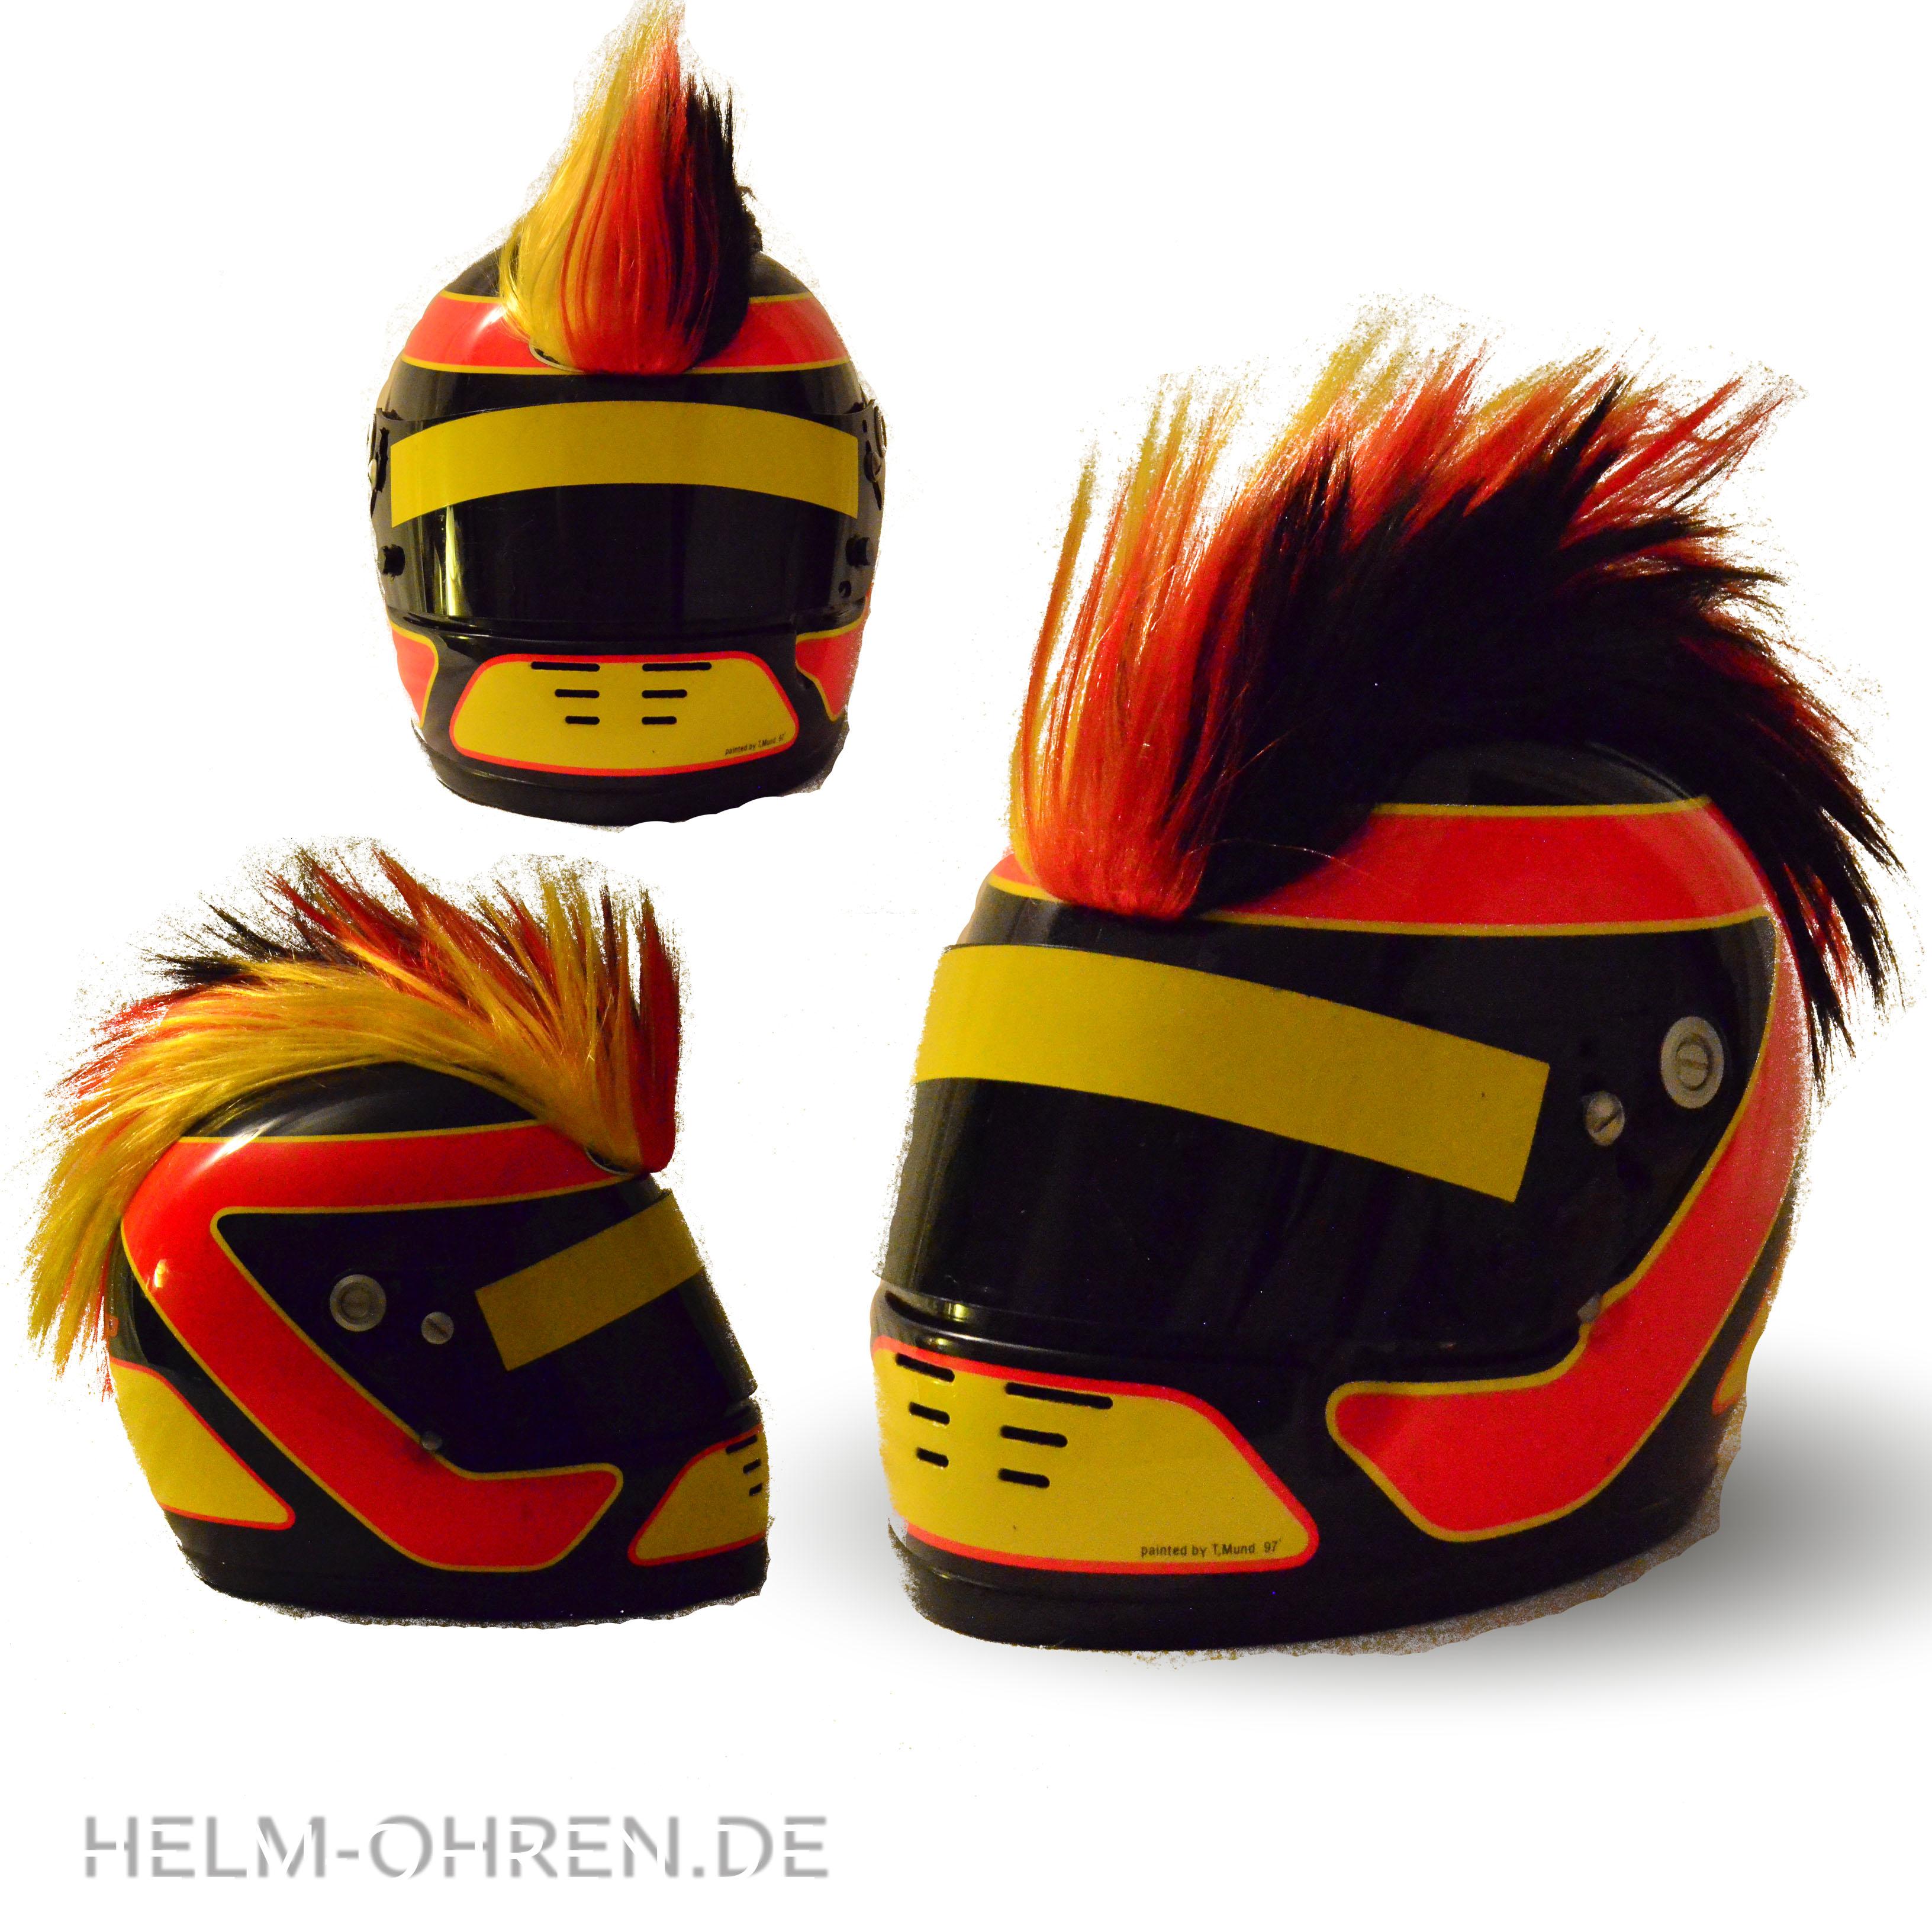 Motorradhelm-Irokese-Deutschland123